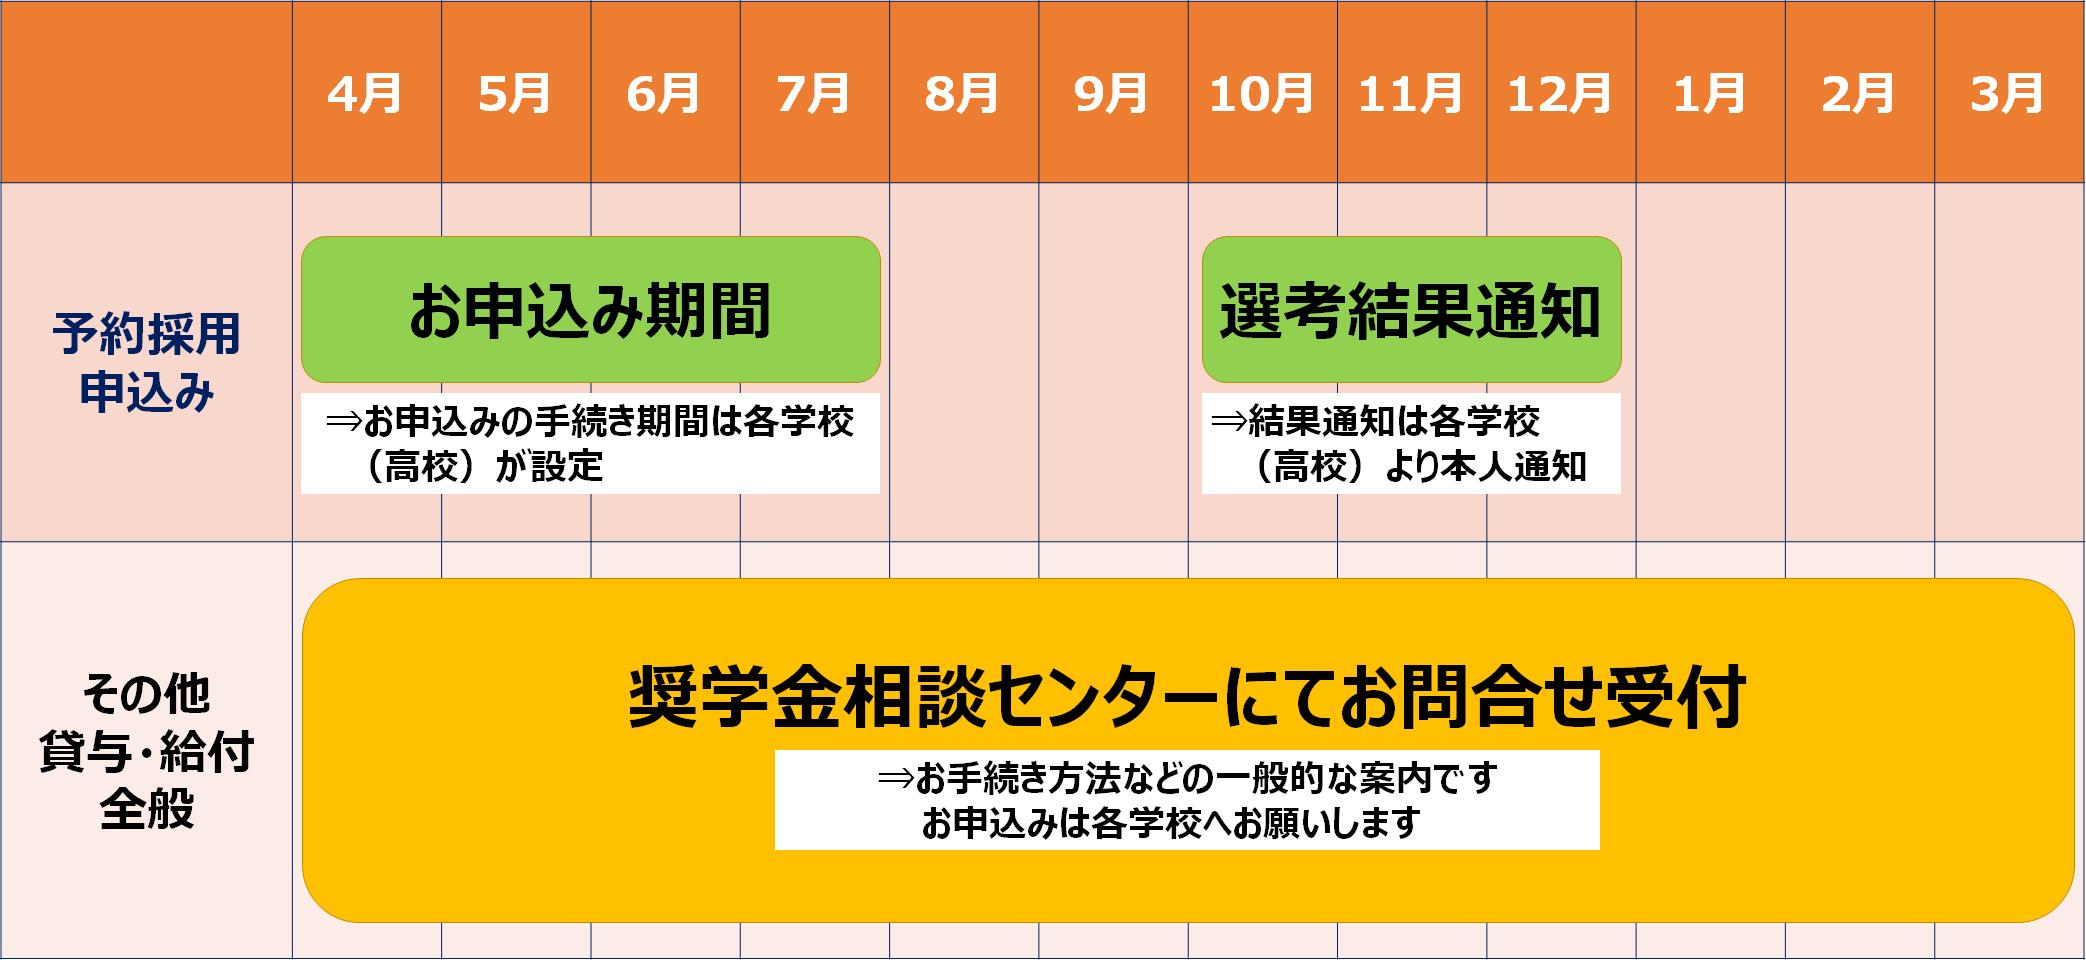 お役立ちカレンダー(高校生)20210927